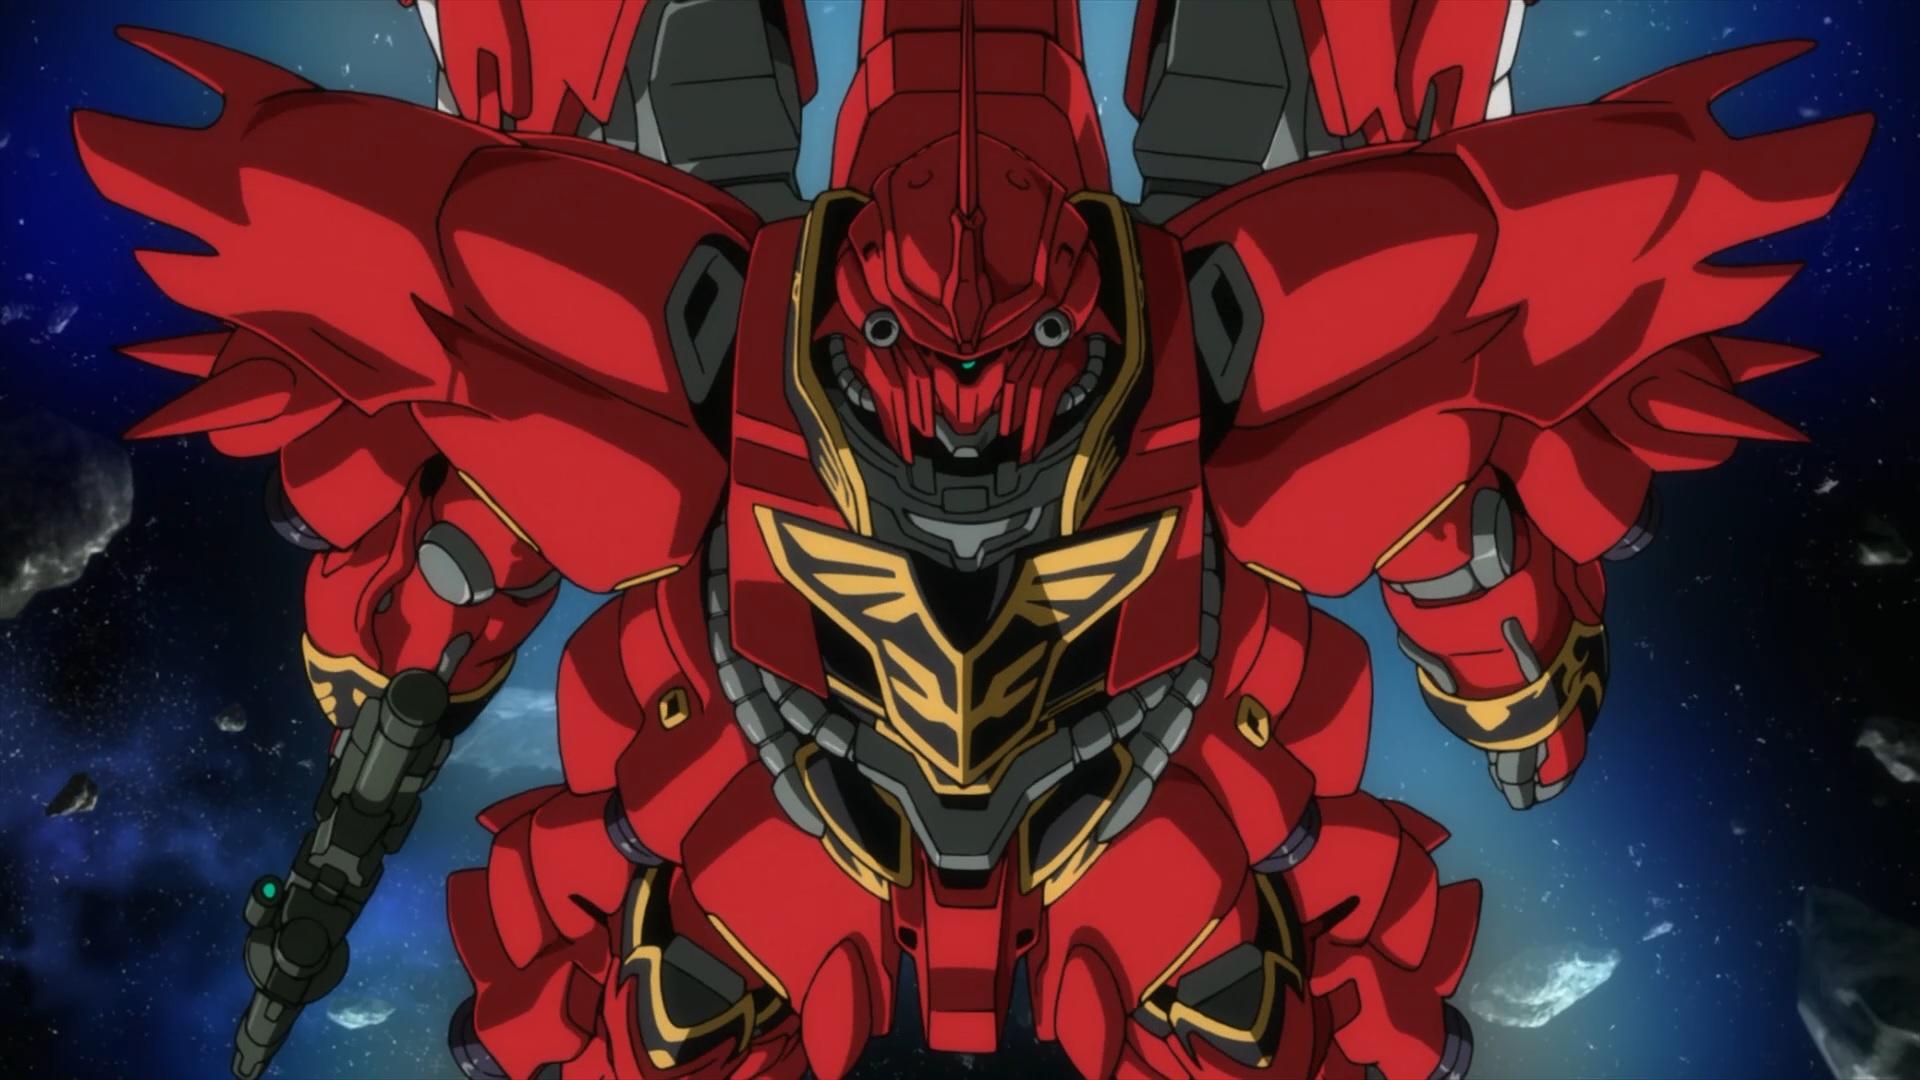 Gundam Gundam Wallpaper 1920x1080 Gundam Gundam Unicorn Sinanju 1920x1080